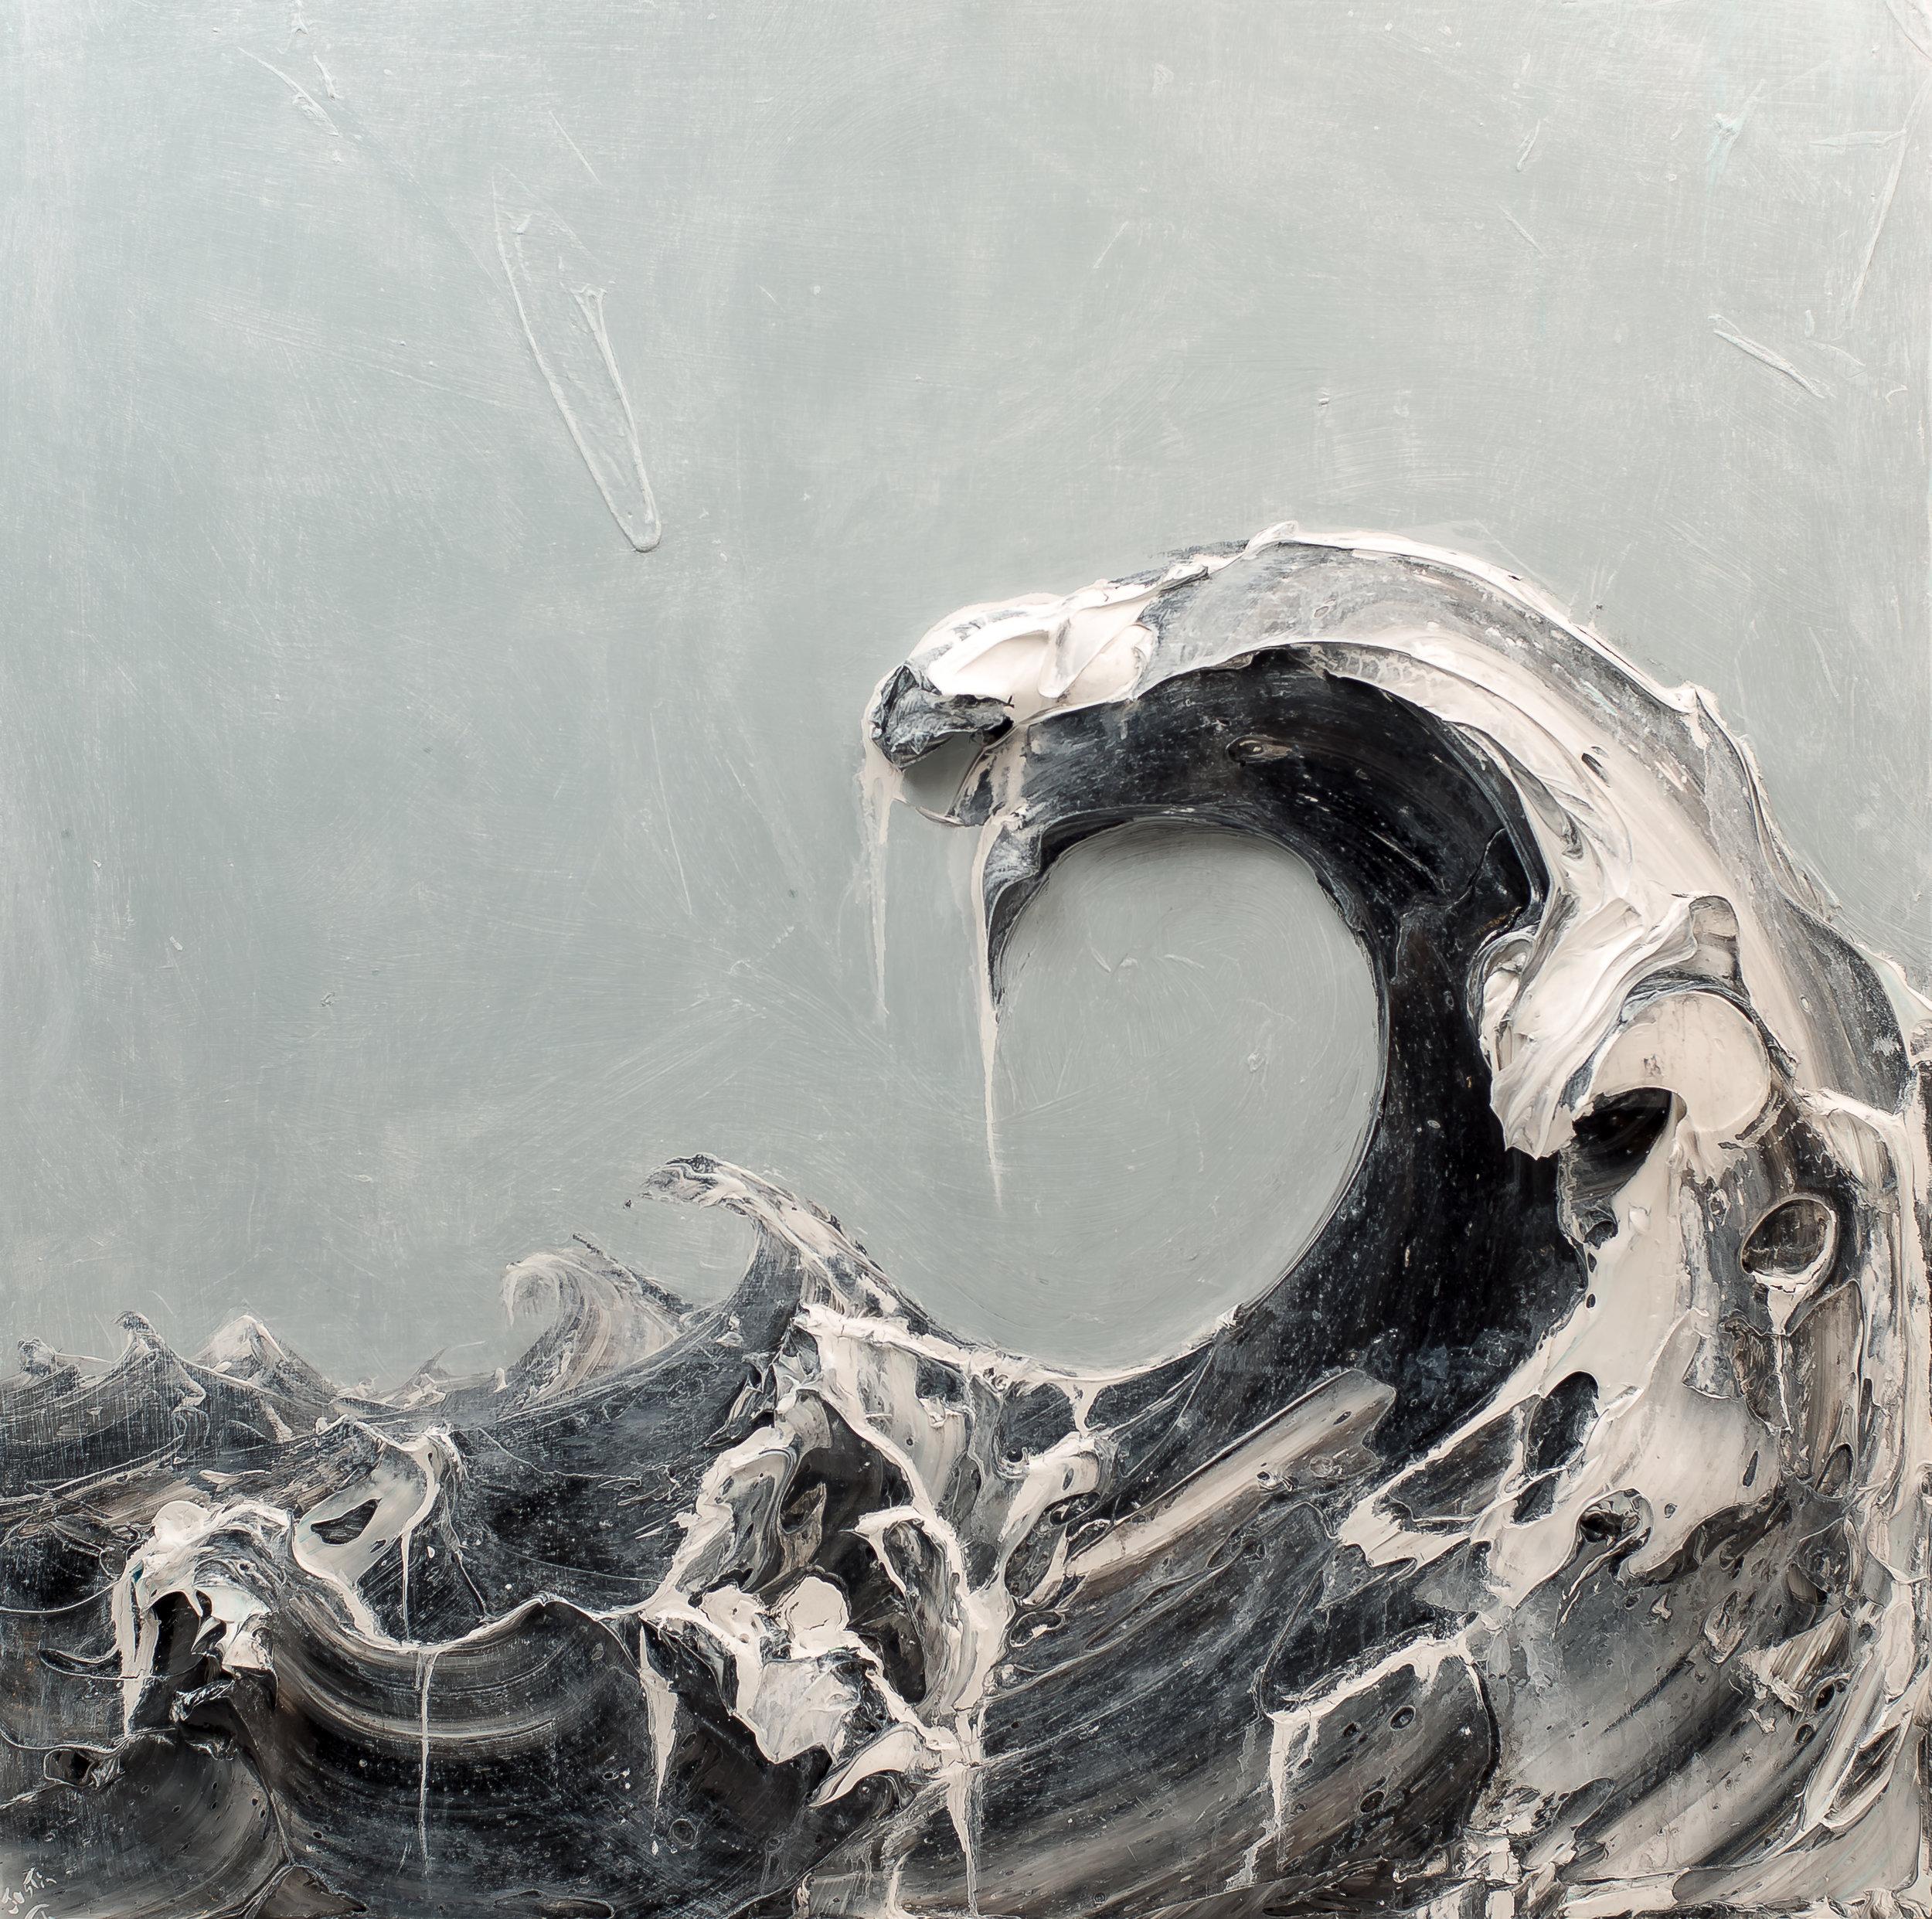 WAVE SERIES 19